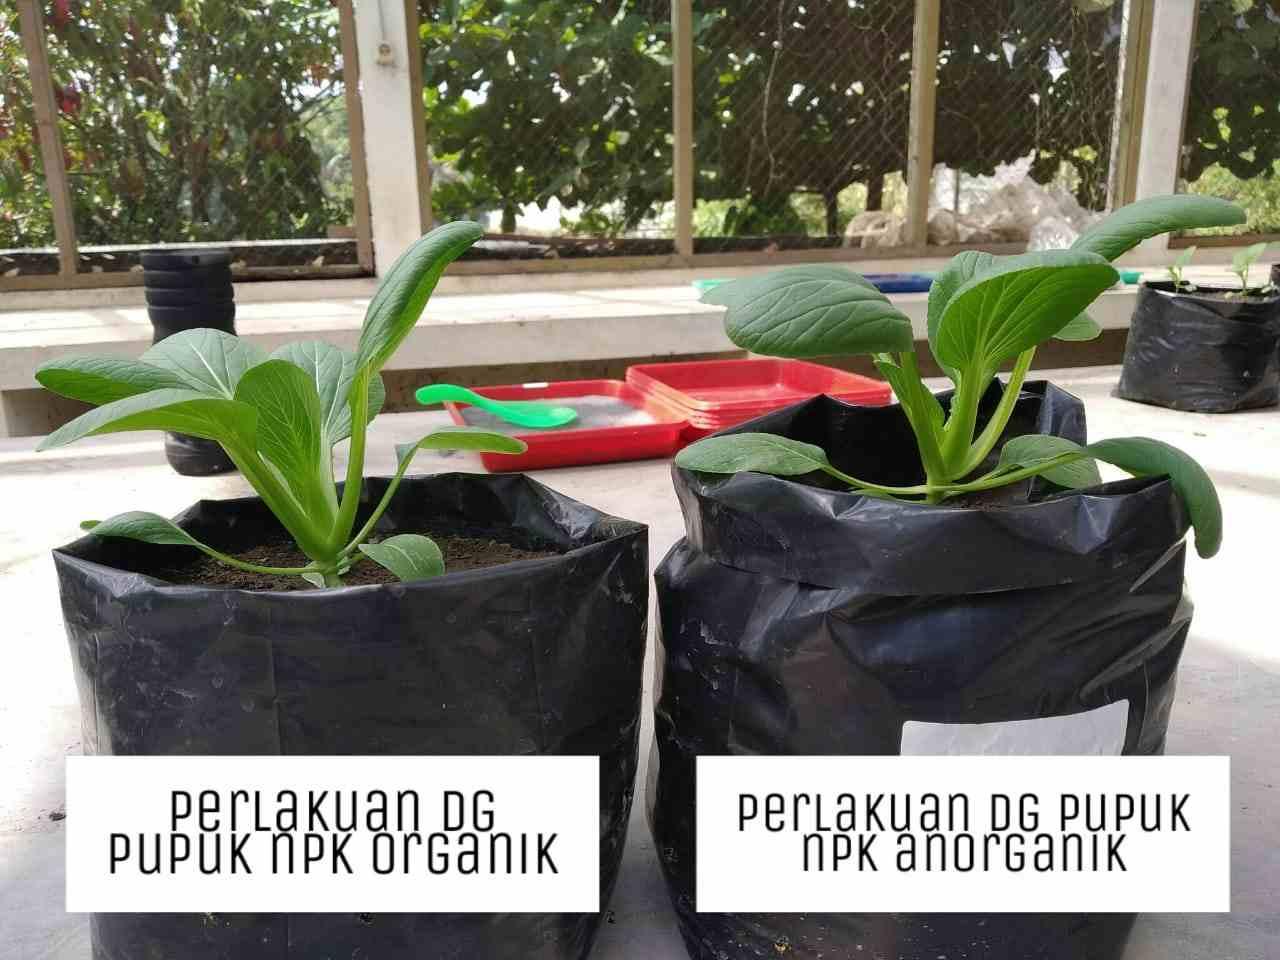 Pupuk NPK Organik Untuk Tanaman Sawi